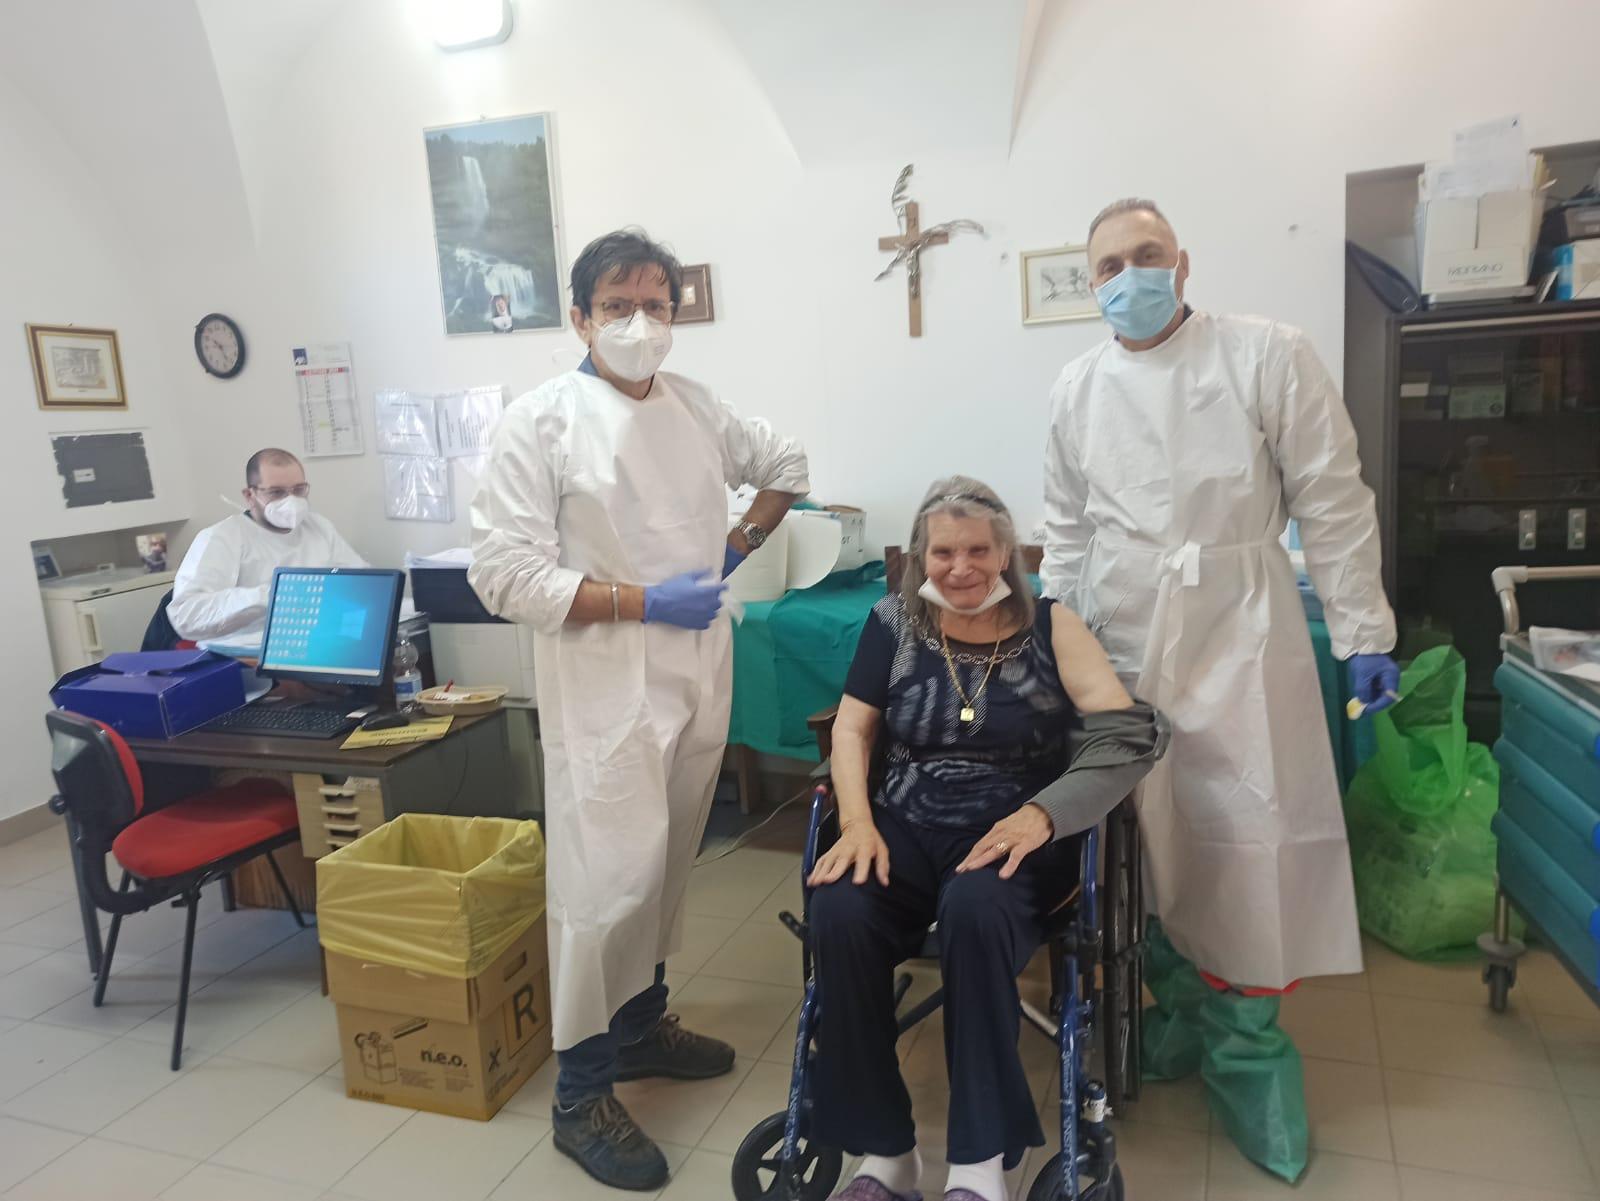 Vaccinati ospiti e operatori della casa di riposo S. Rita di Atri (Te)